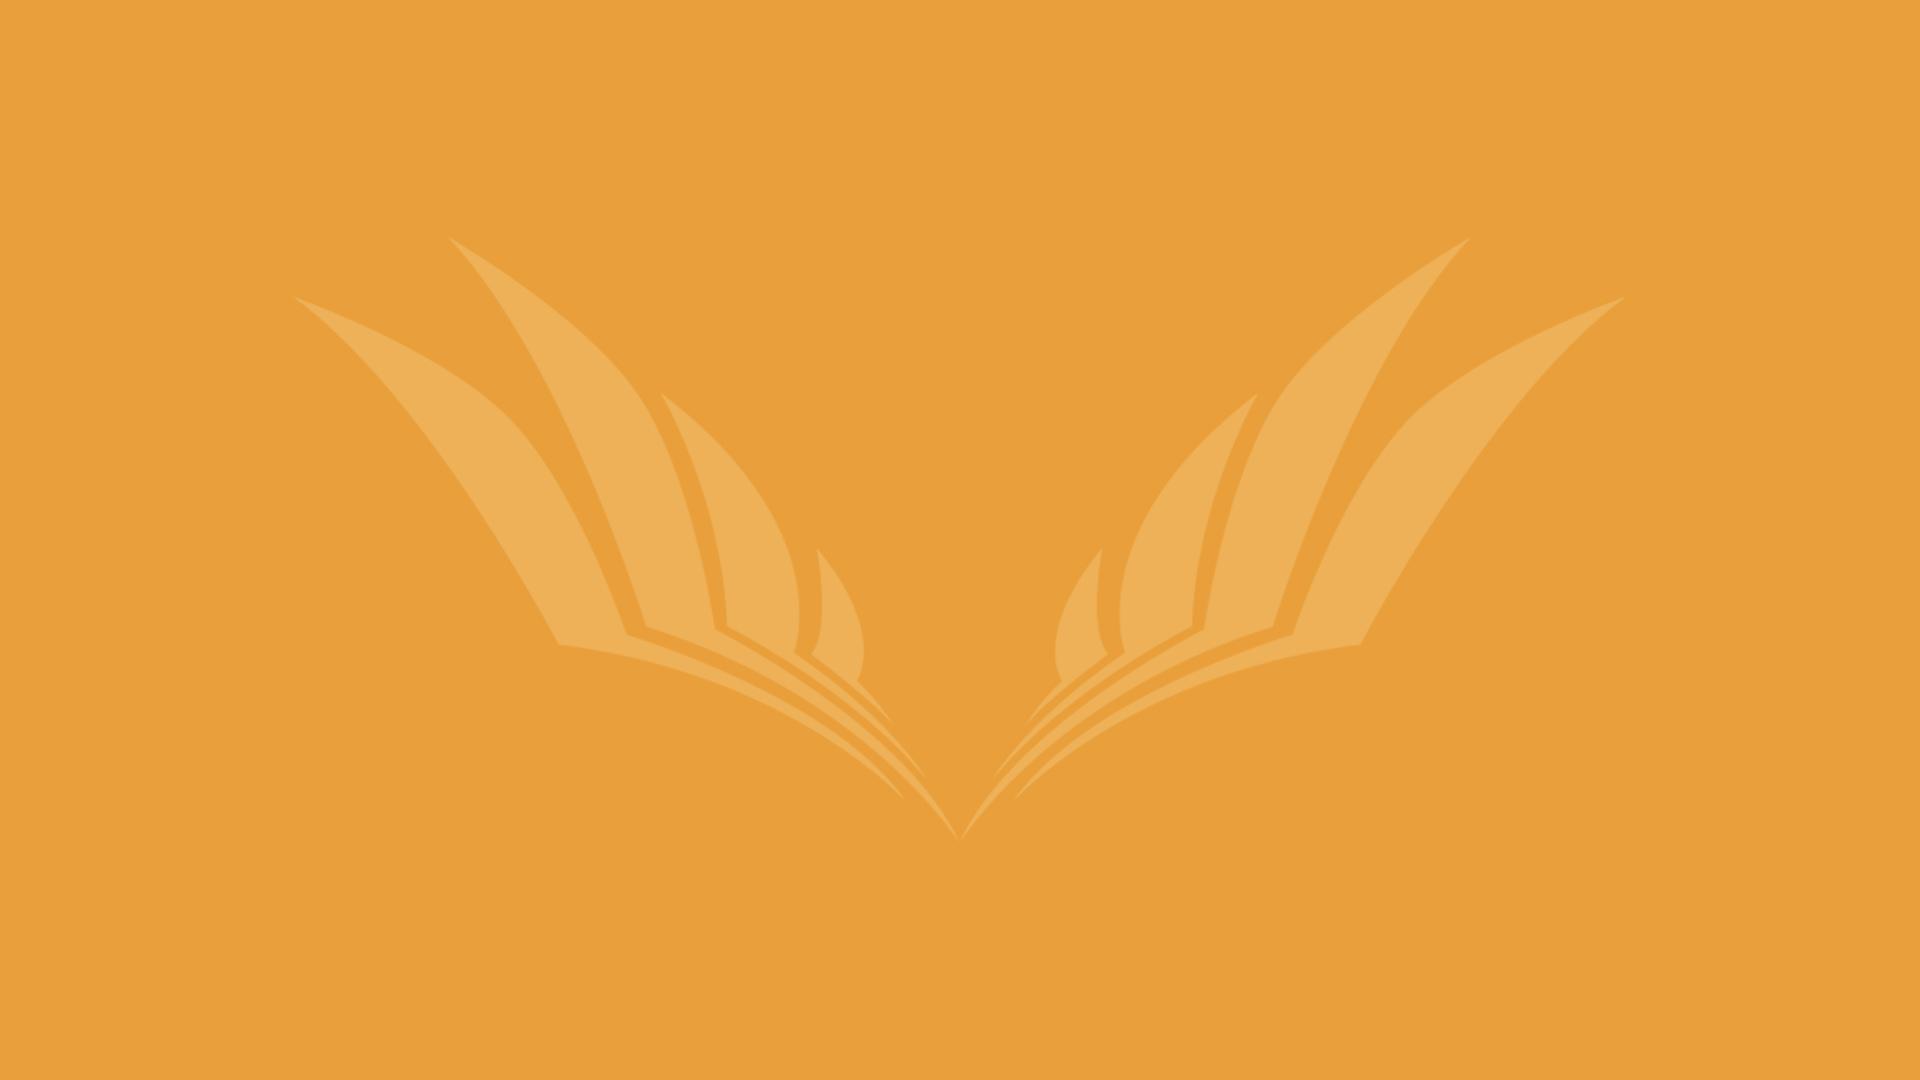 Hintergrund Logo | SMART & NETT VERLAG